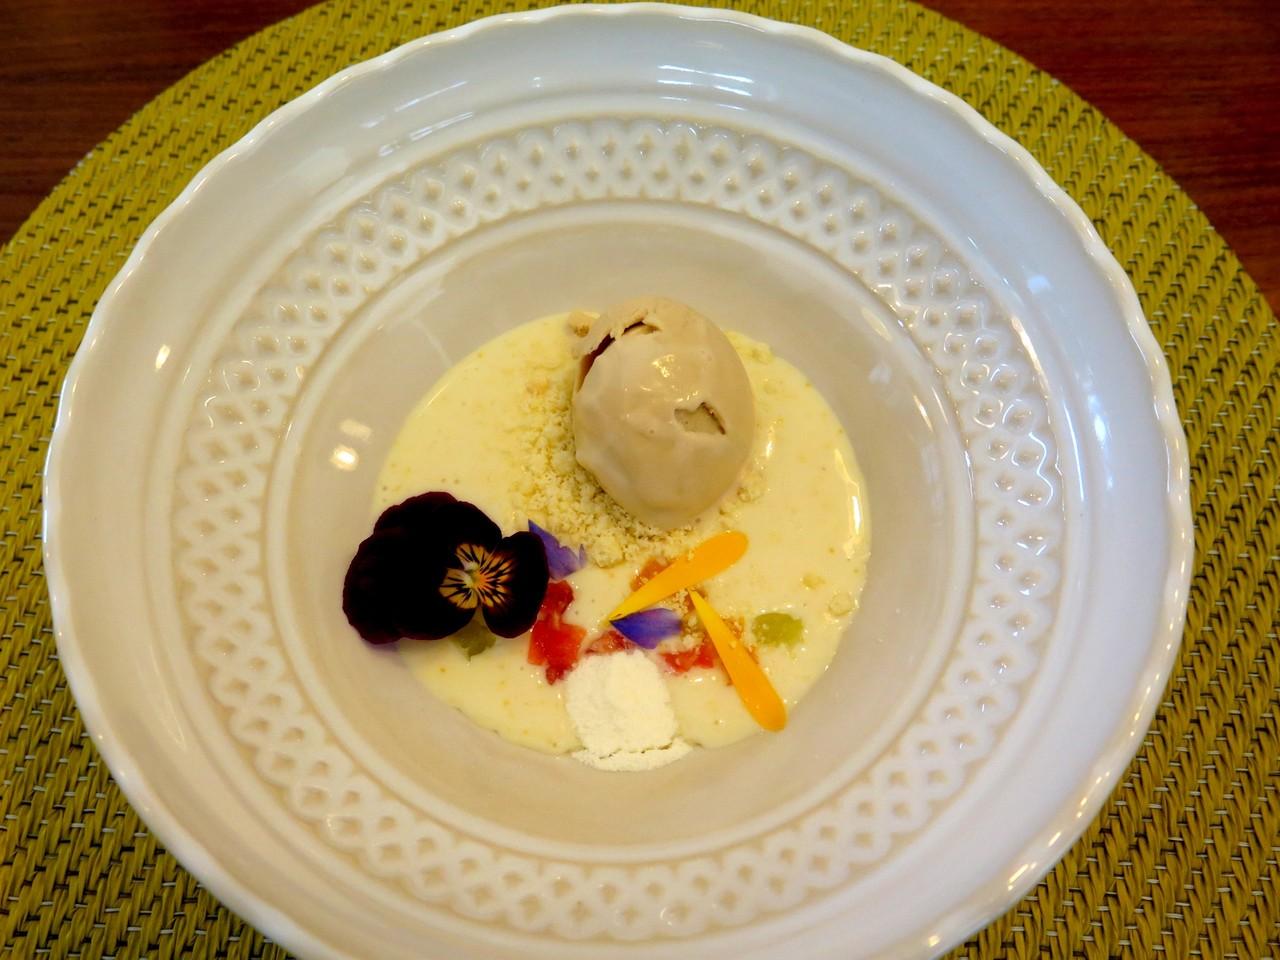 Creme de arroz doce e citrinos, gelado de bolacha Maria